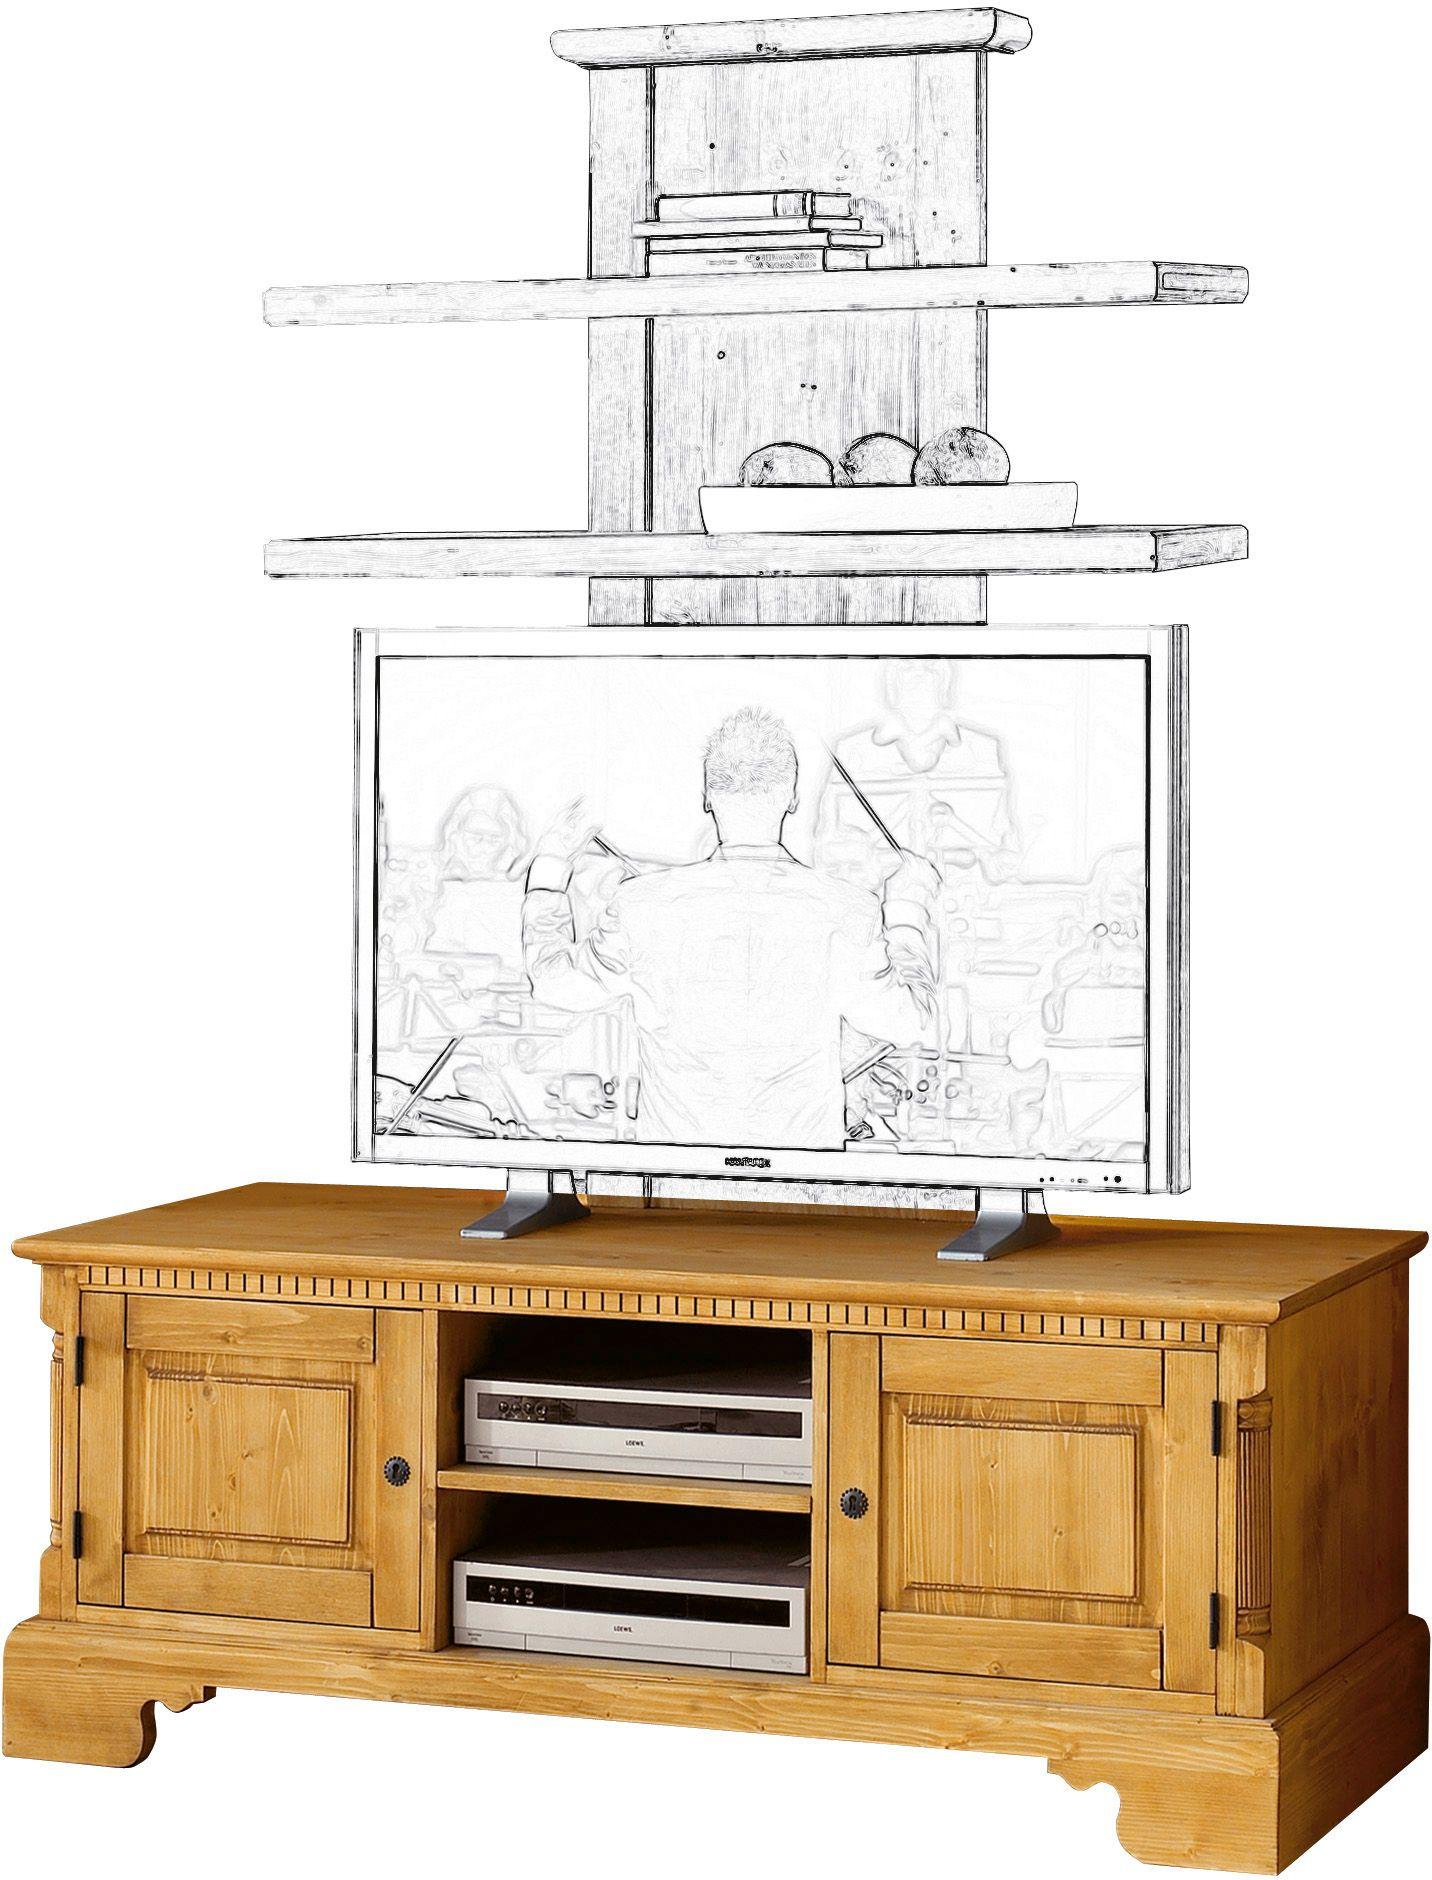 FAVORIT Favorit TV-Tisch »Oxford«, Breite 152 cm